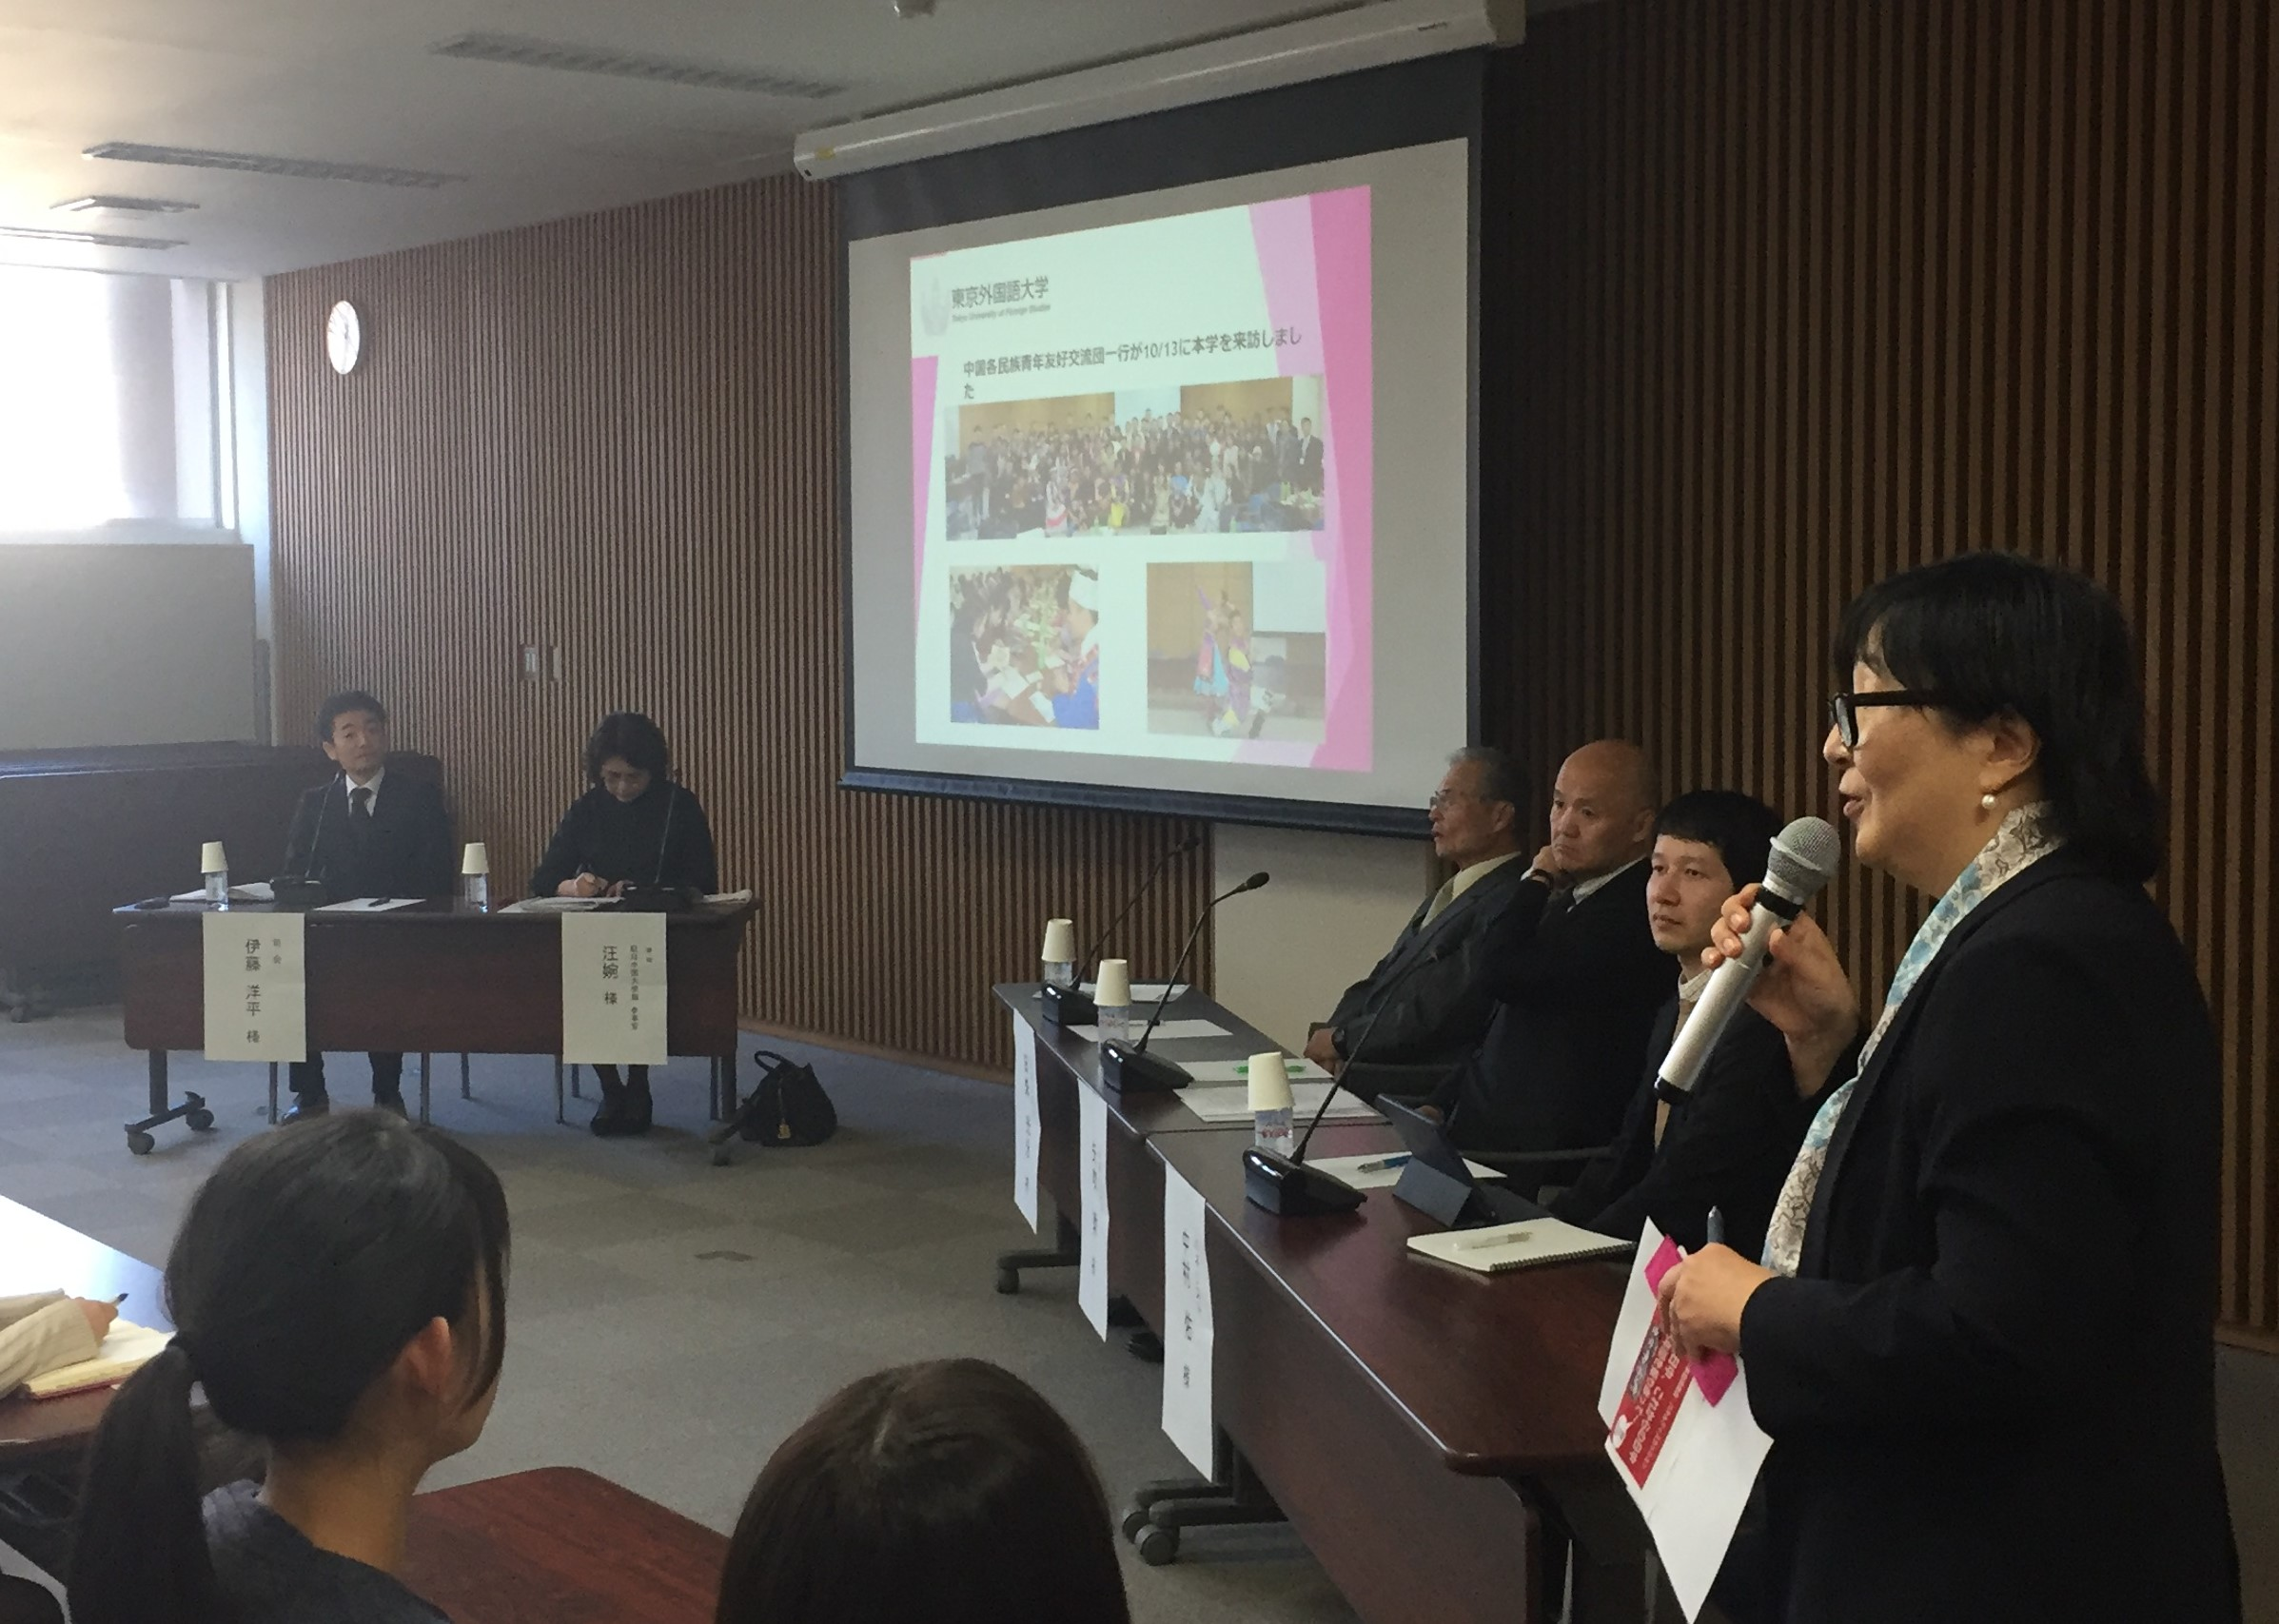 汪婉駐日中国大使館参事官講演会「これまでの日中、これからの日中」 東京外国語大学